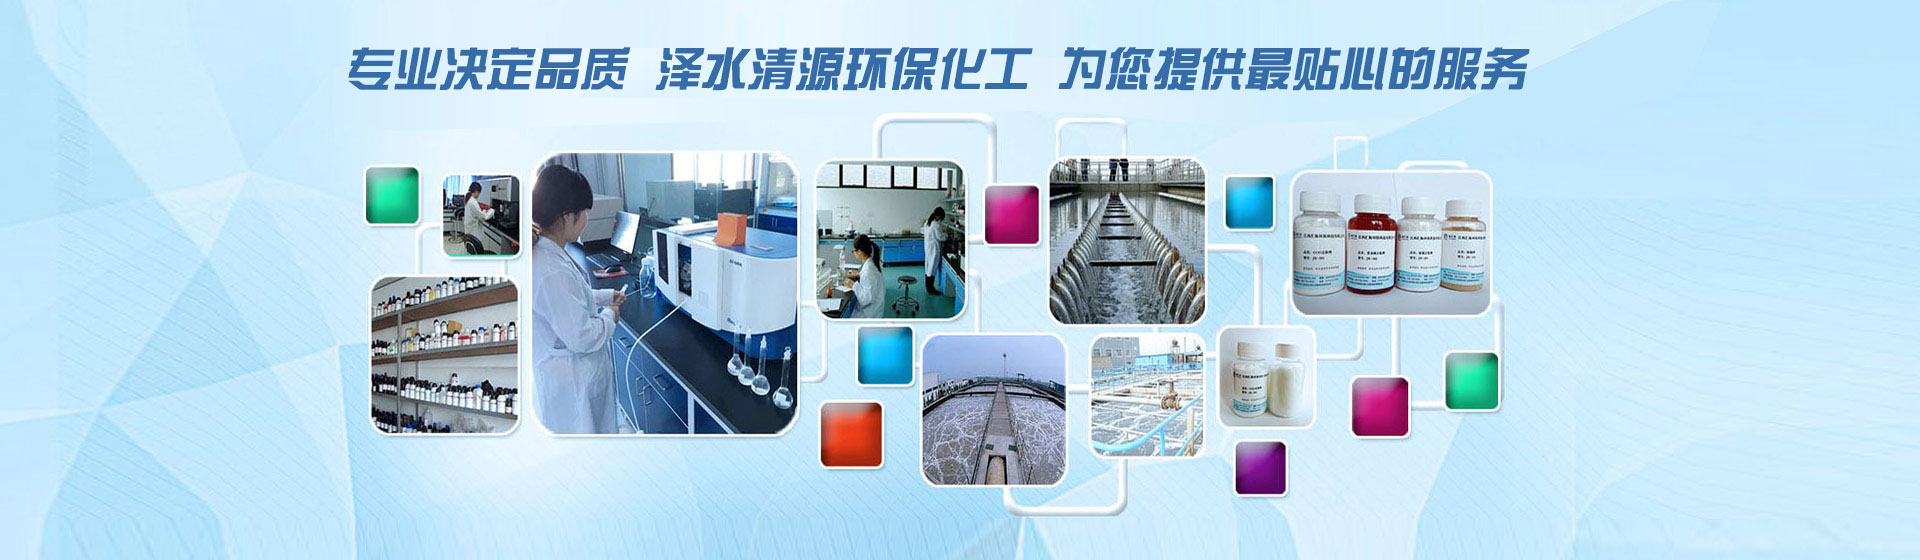 西安泽水清源环保科技有限公司